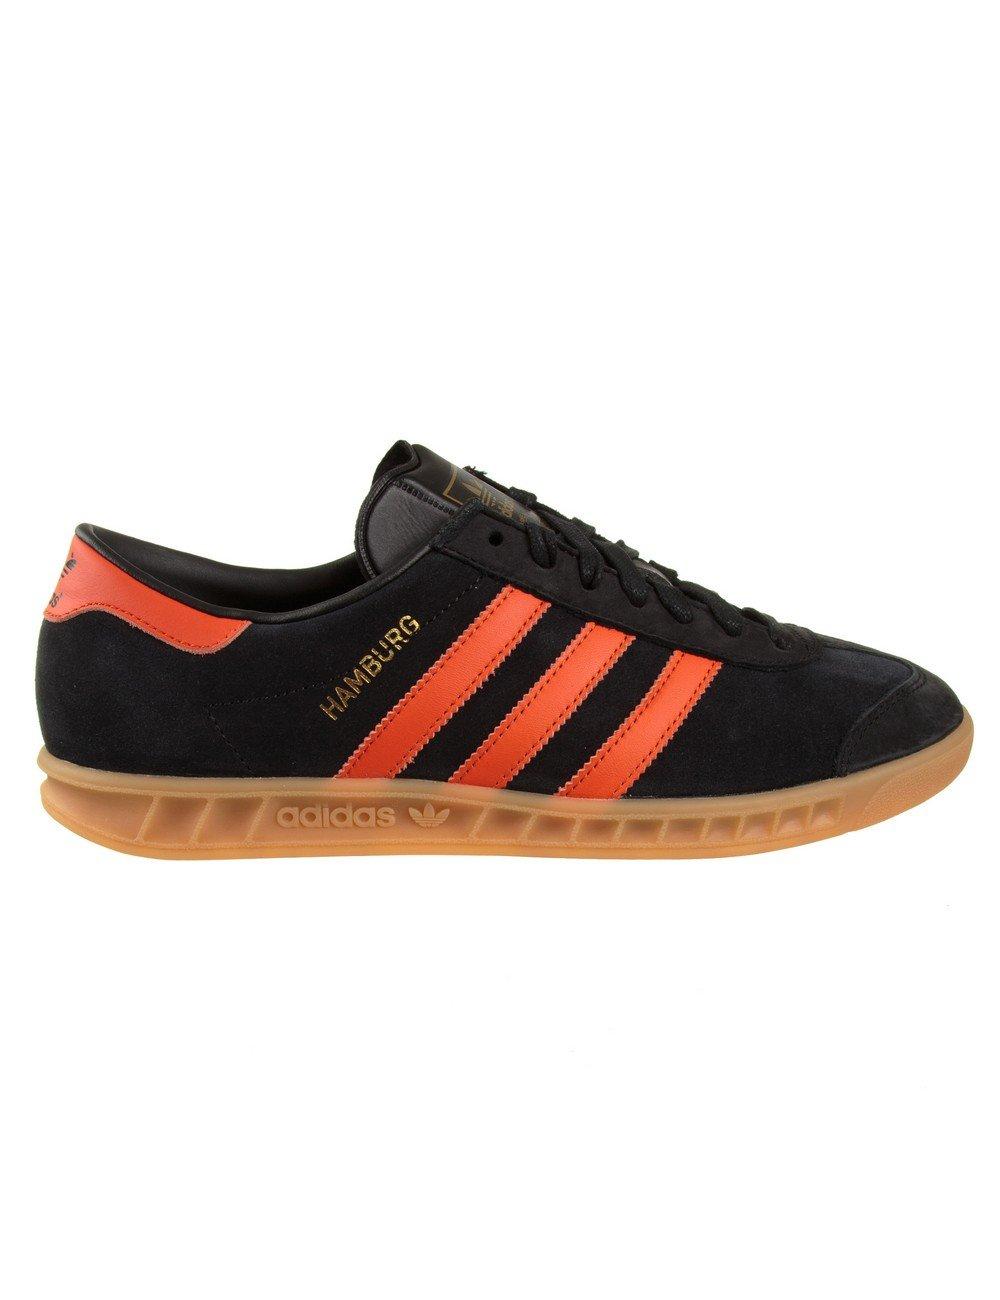 adidas originals hamburg shoes black orange trainers